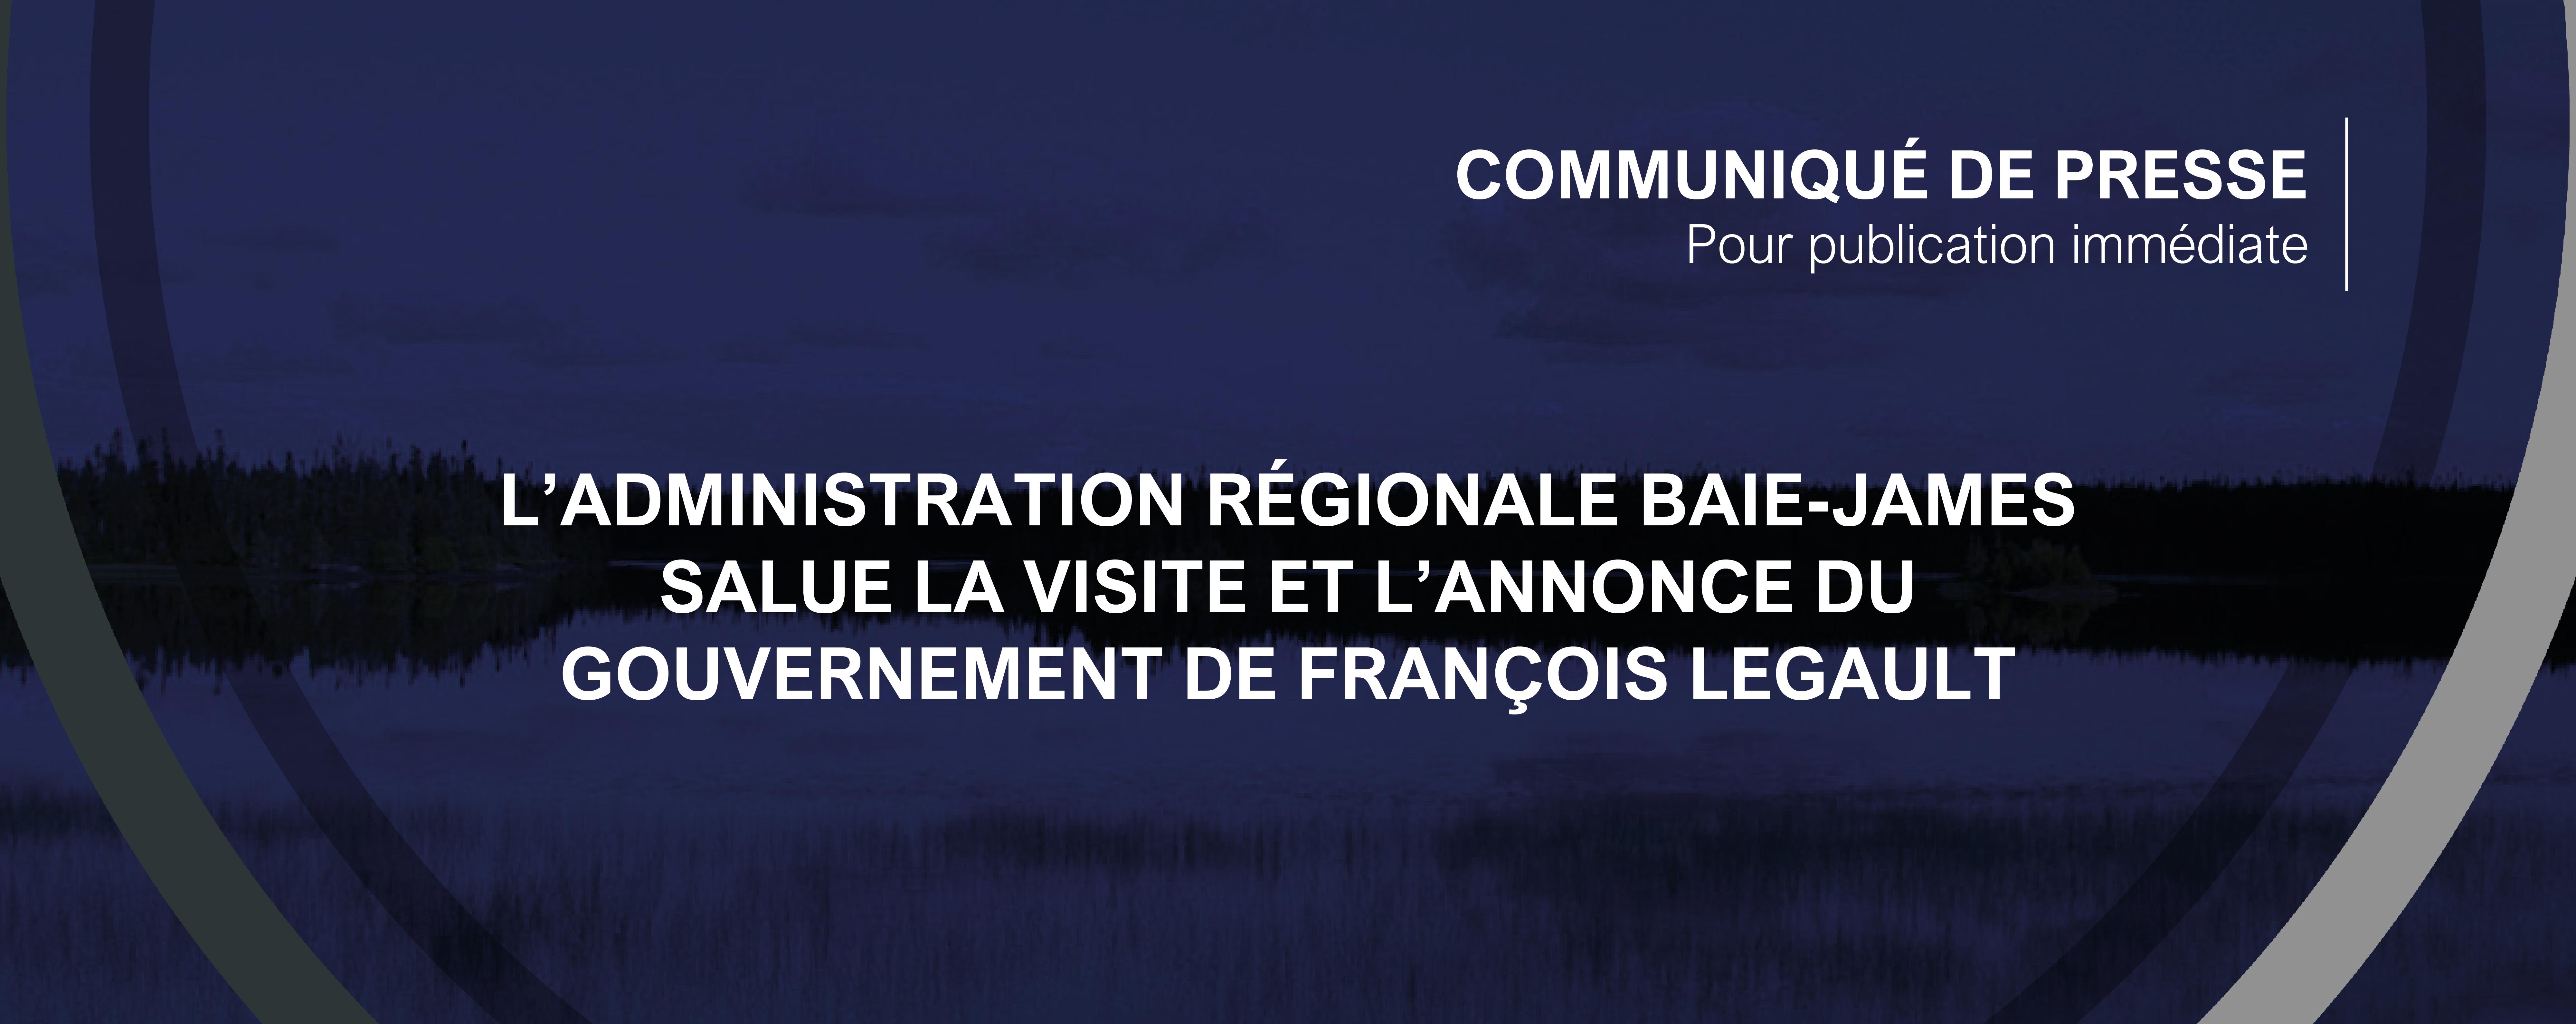 CP- VISITE ET ANNONCE DU GOUVERNEMENT DE FRANCOIS LEGAULT